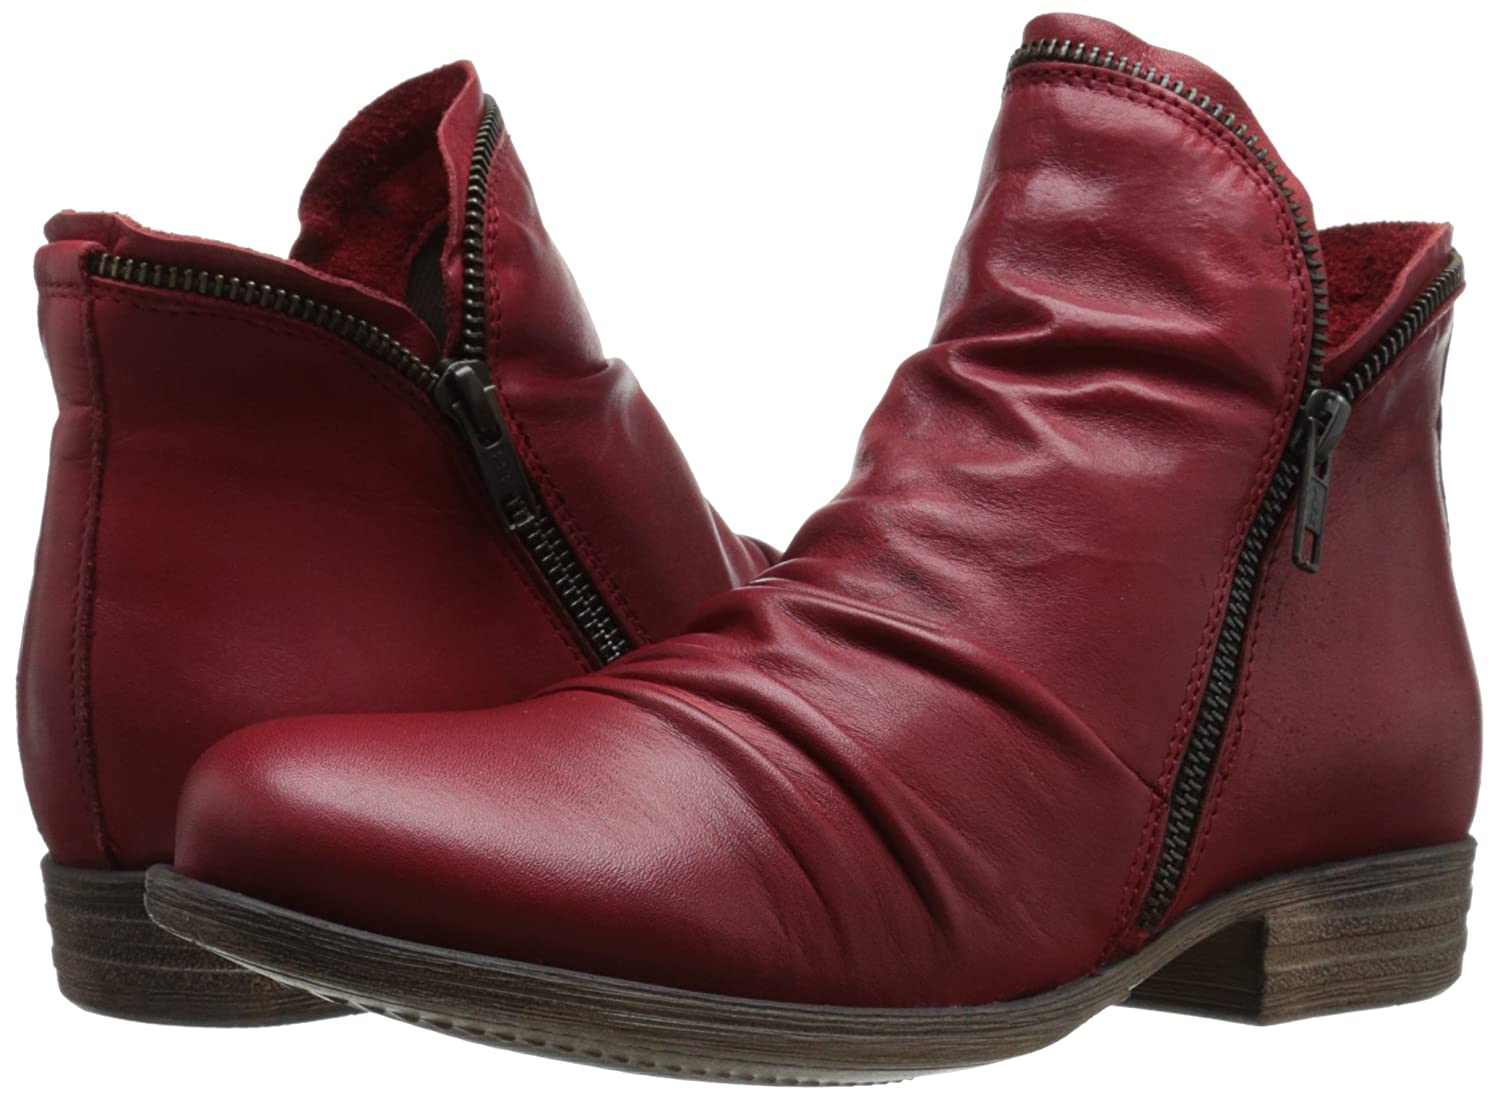 Miz Mooz Women's Luna Ankle Boot B00WGVHDJ2 6 B(M) US Red